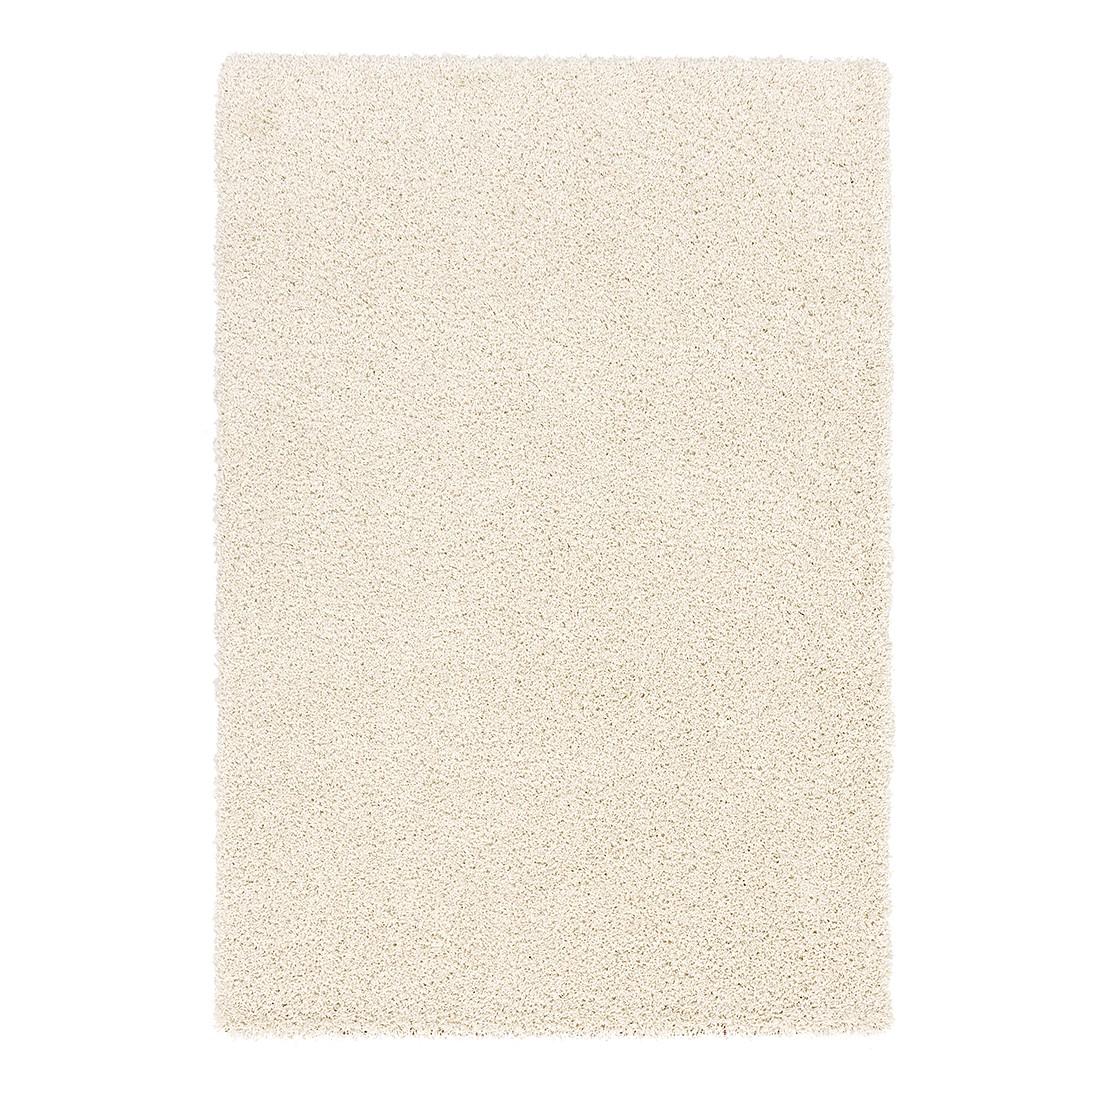 Teppich Palermo – Creme – 80 x 150 cm, Astra online bestellen